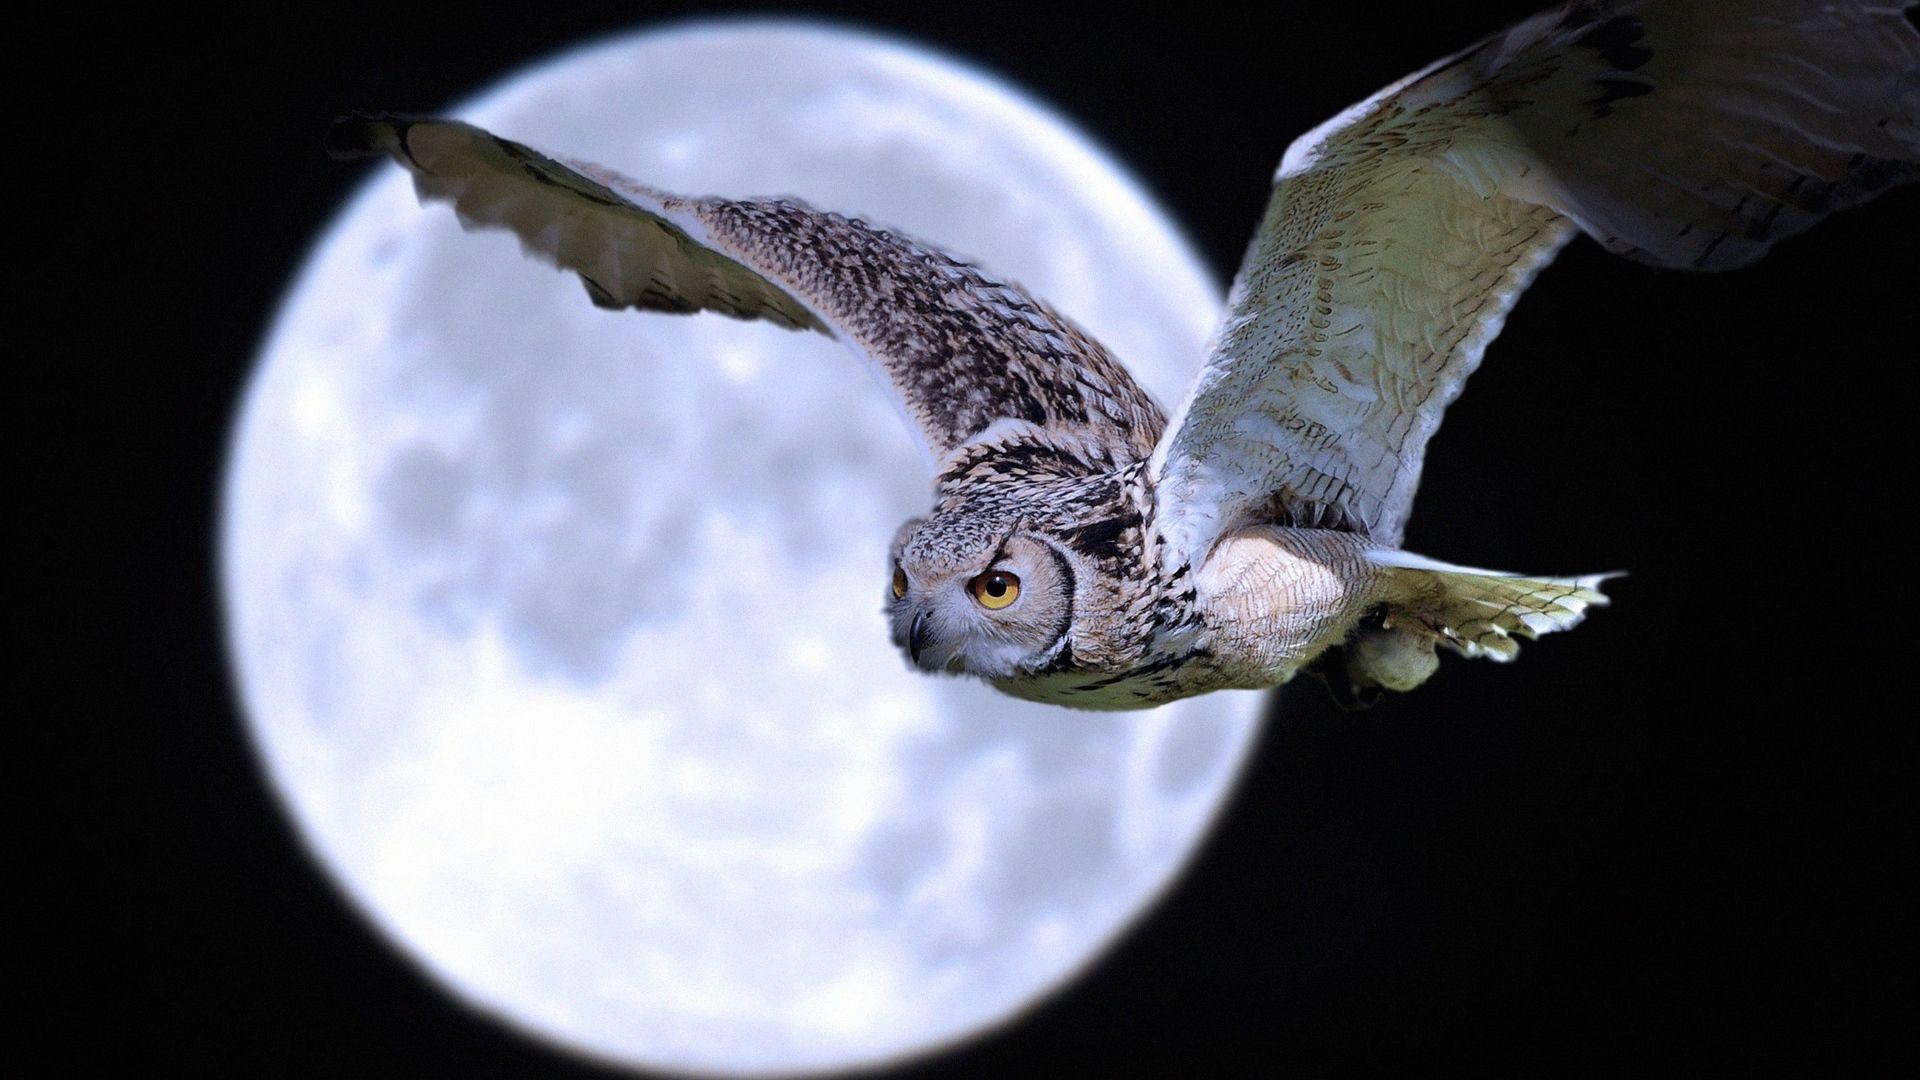 111454 скачать обои Луна, Хищник, Животные, Полет, Сова, Птица - заставки и картинки бесплатно